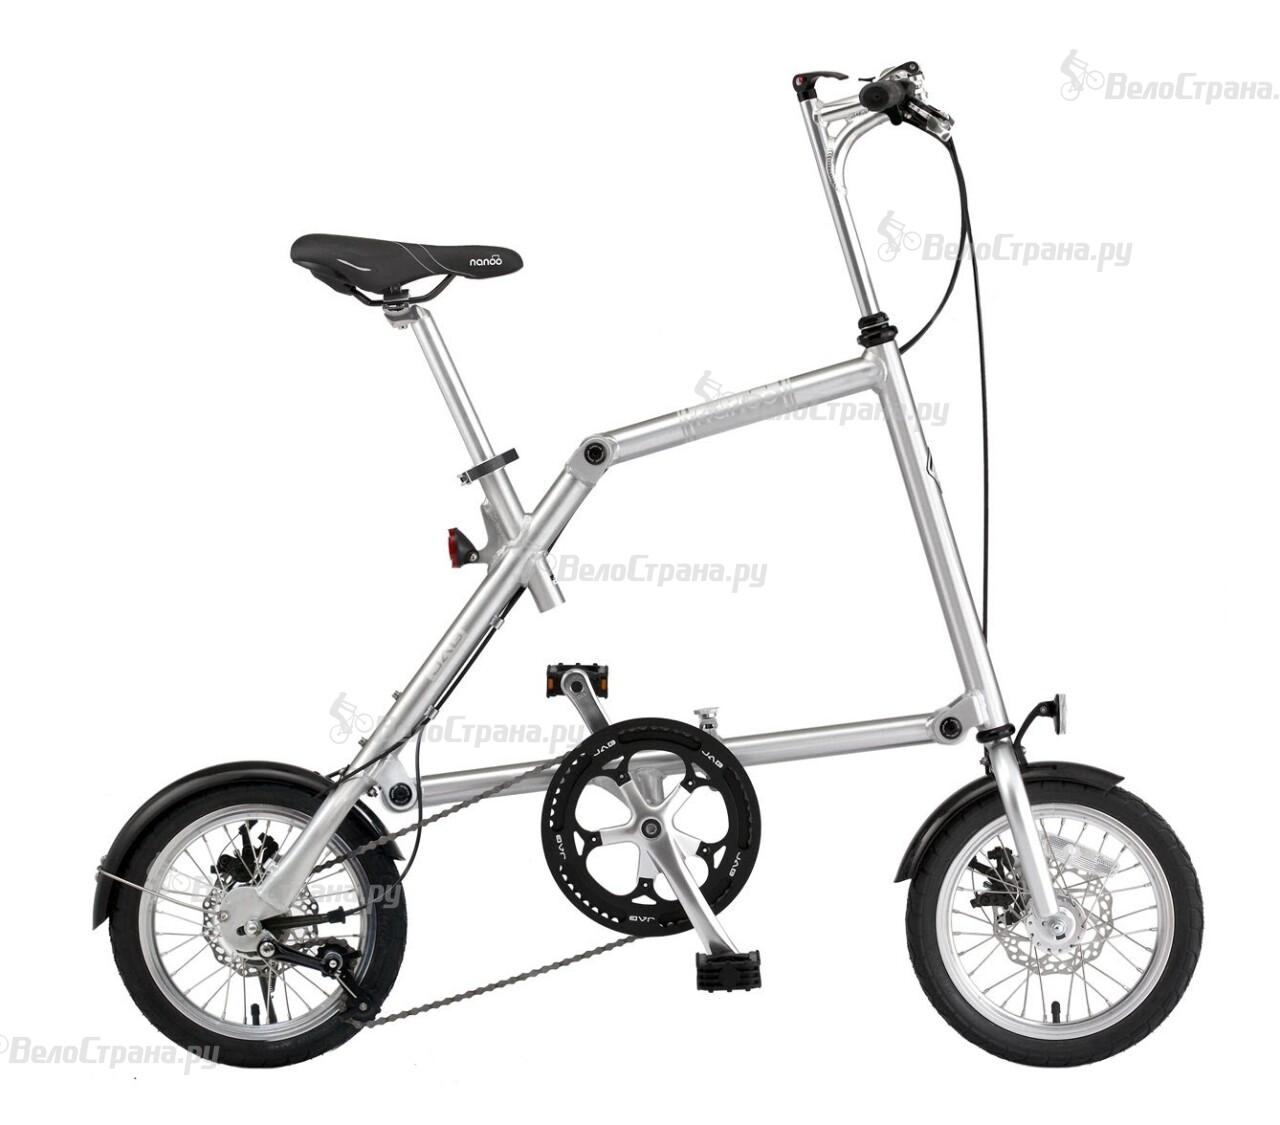 Велосипед Nanoo 143 (2016) itap 143 2 редуктор давления